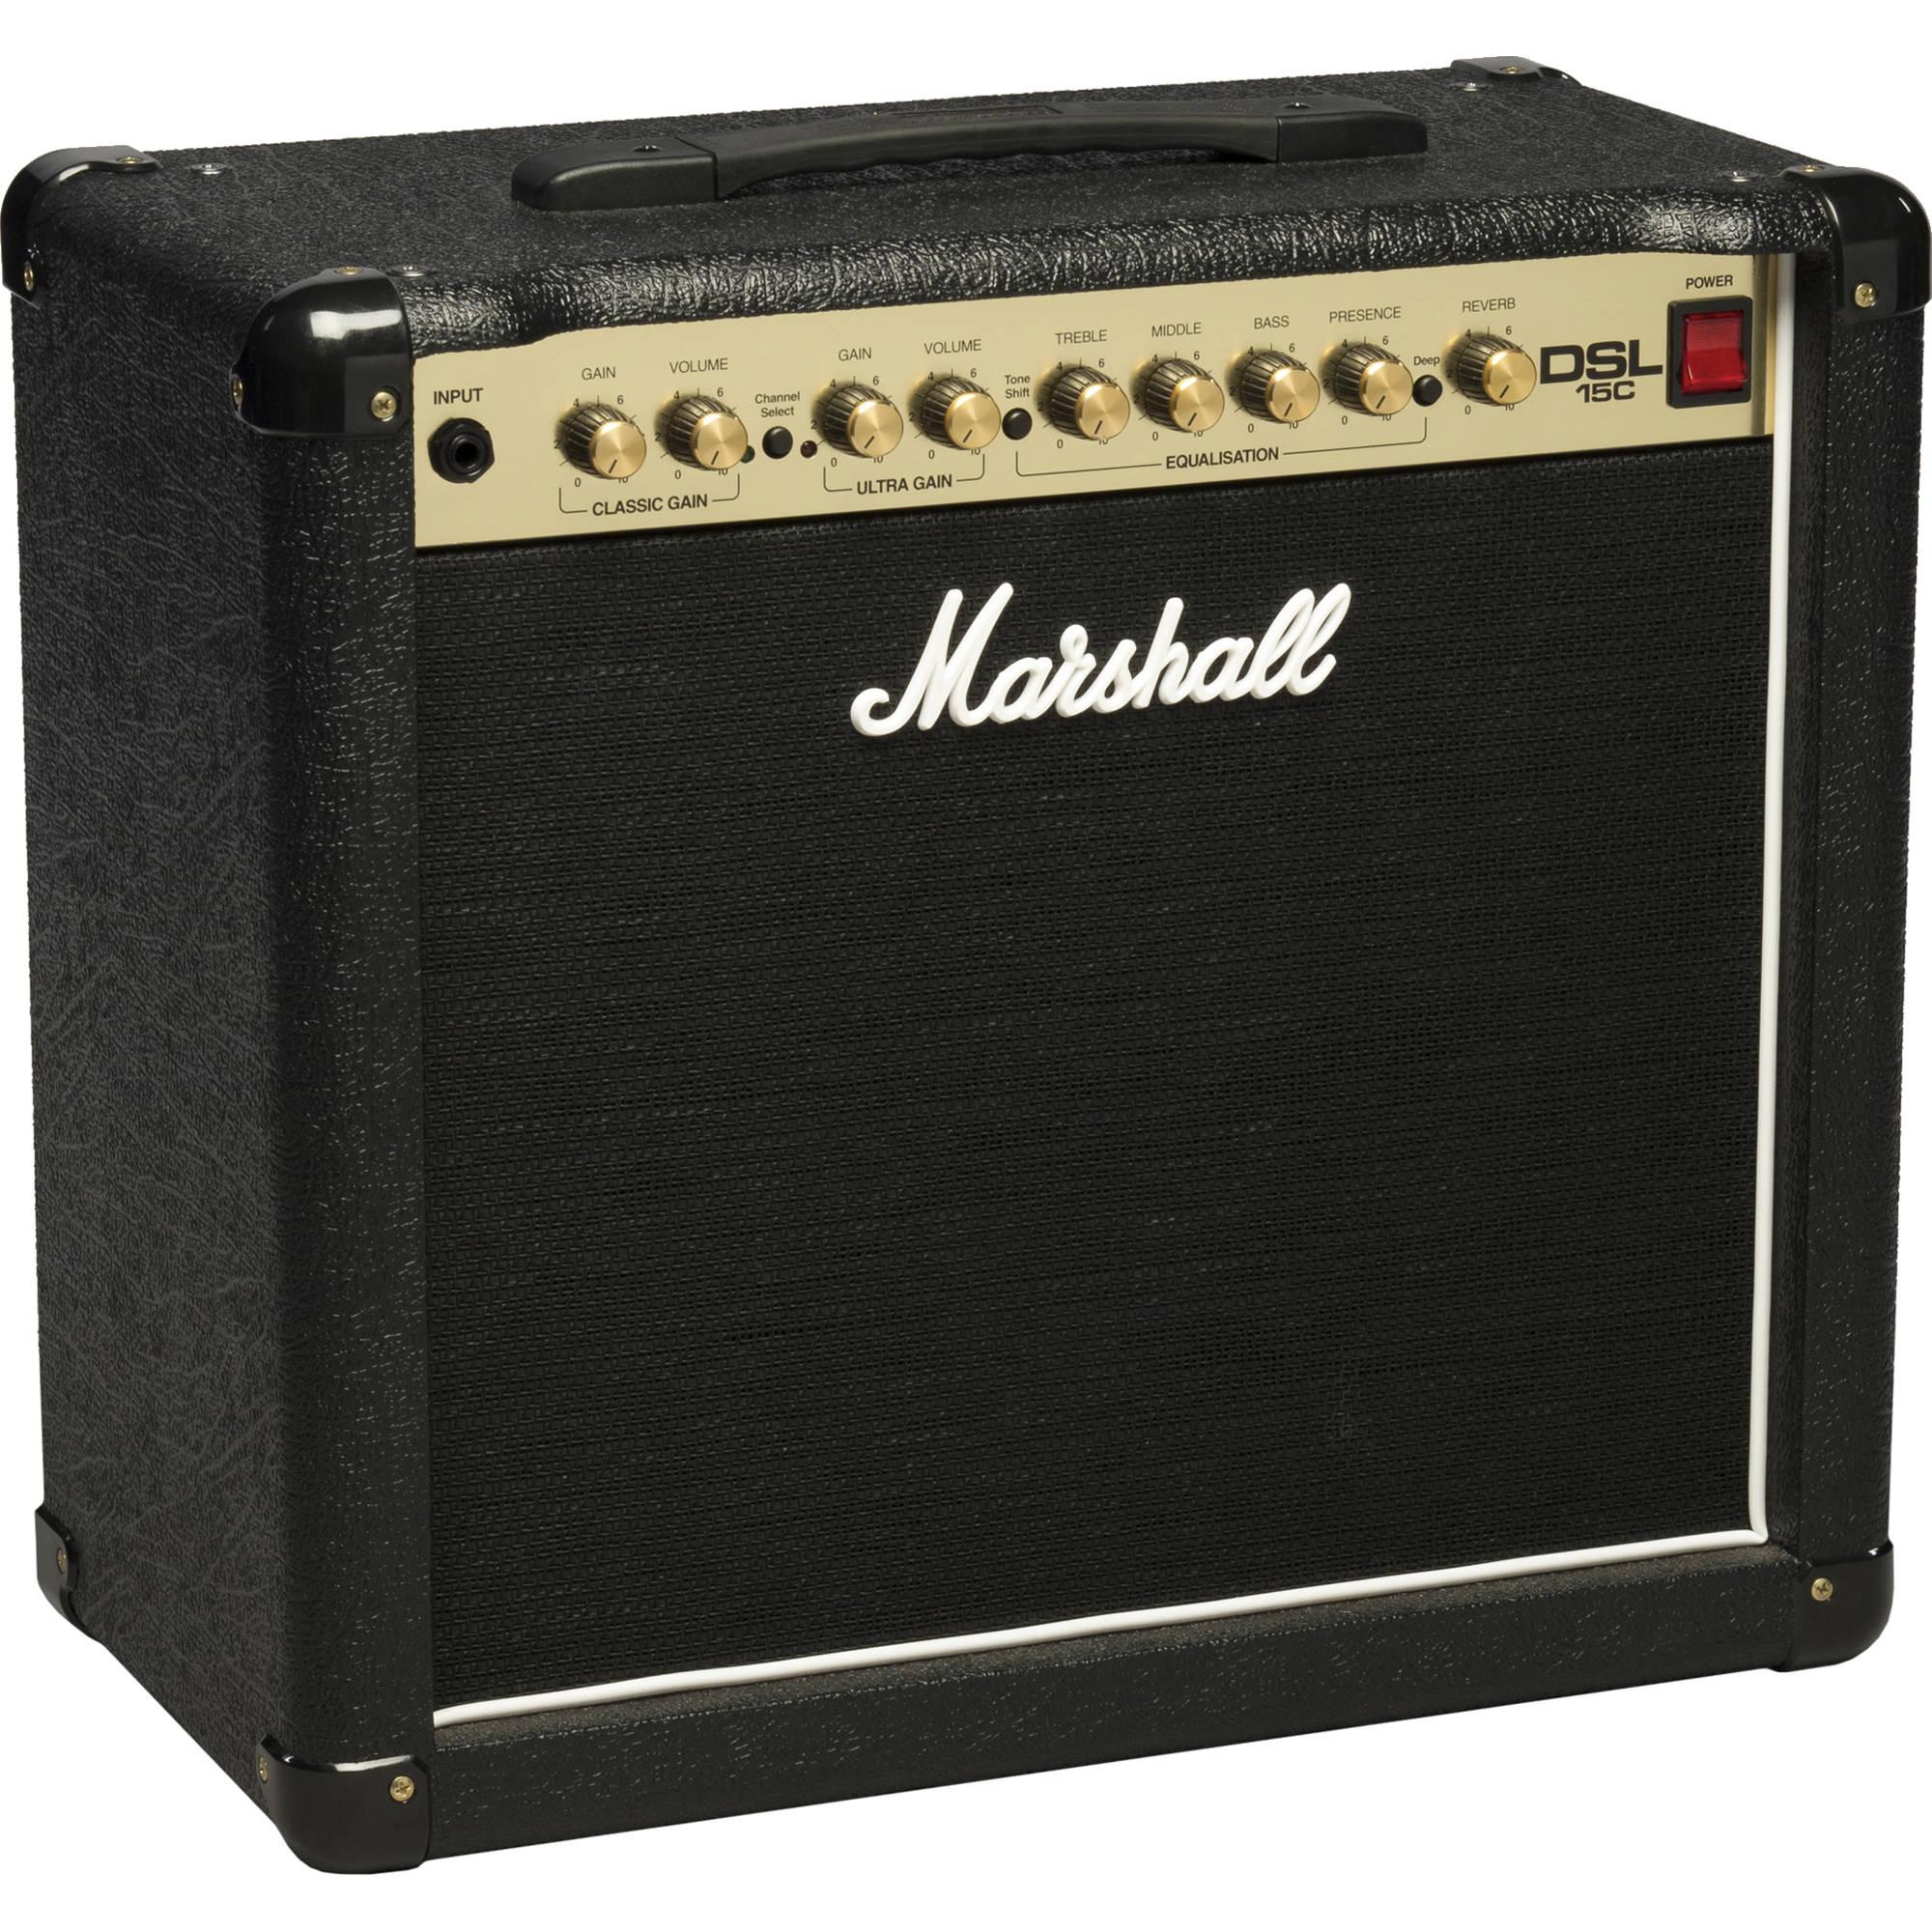 marshall amplification dsl15c 2 channel valve combo dsl15c u b h. Black Bedroom Furniture Sets. Home Design Ideas